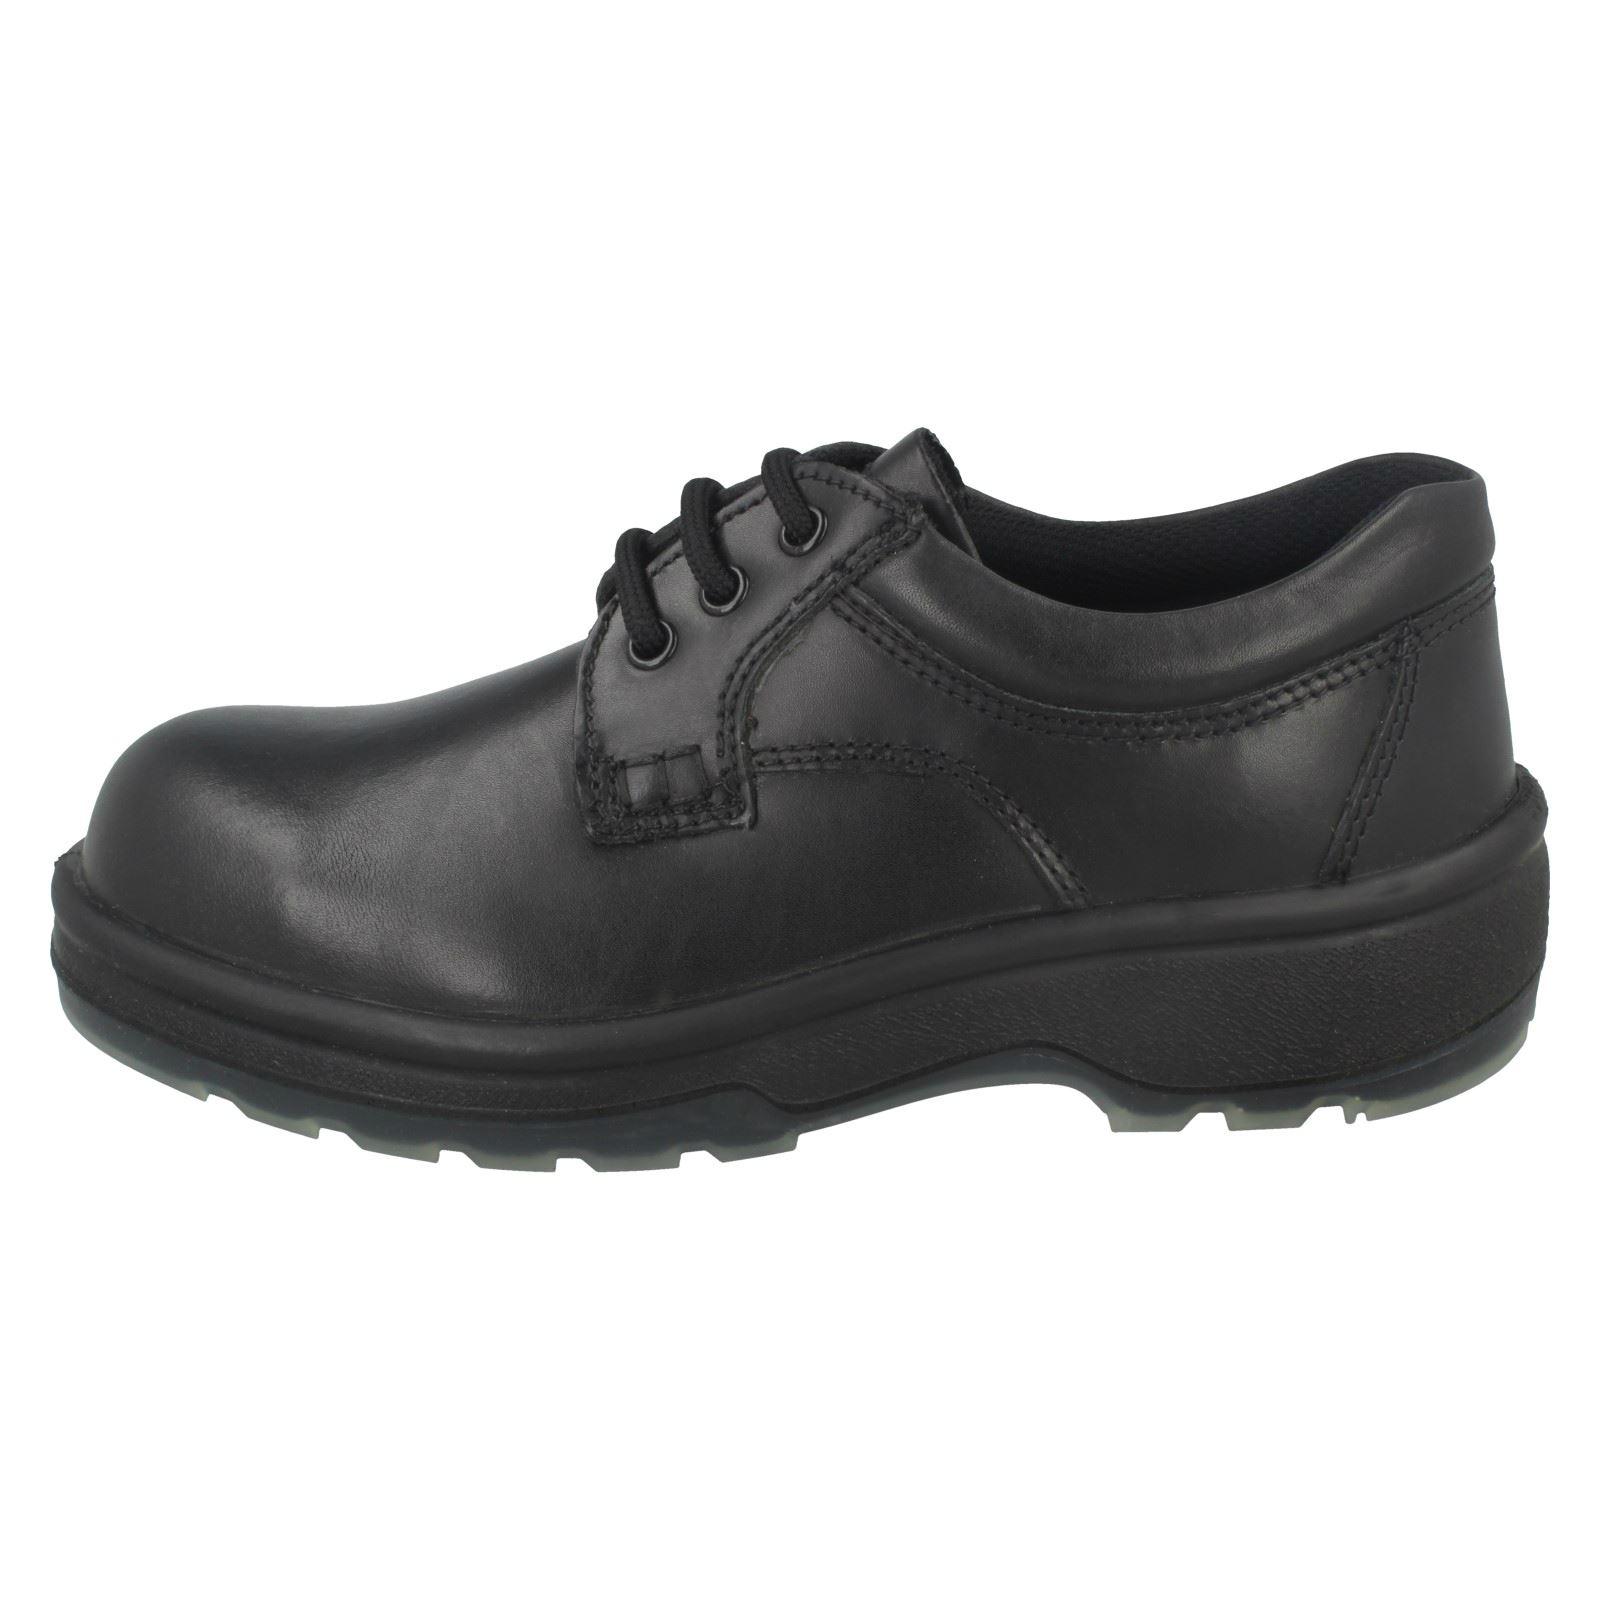 pour Cap Totectors Black Steel hommes sécurité 1010 Chaussures Toe de pwqSPP